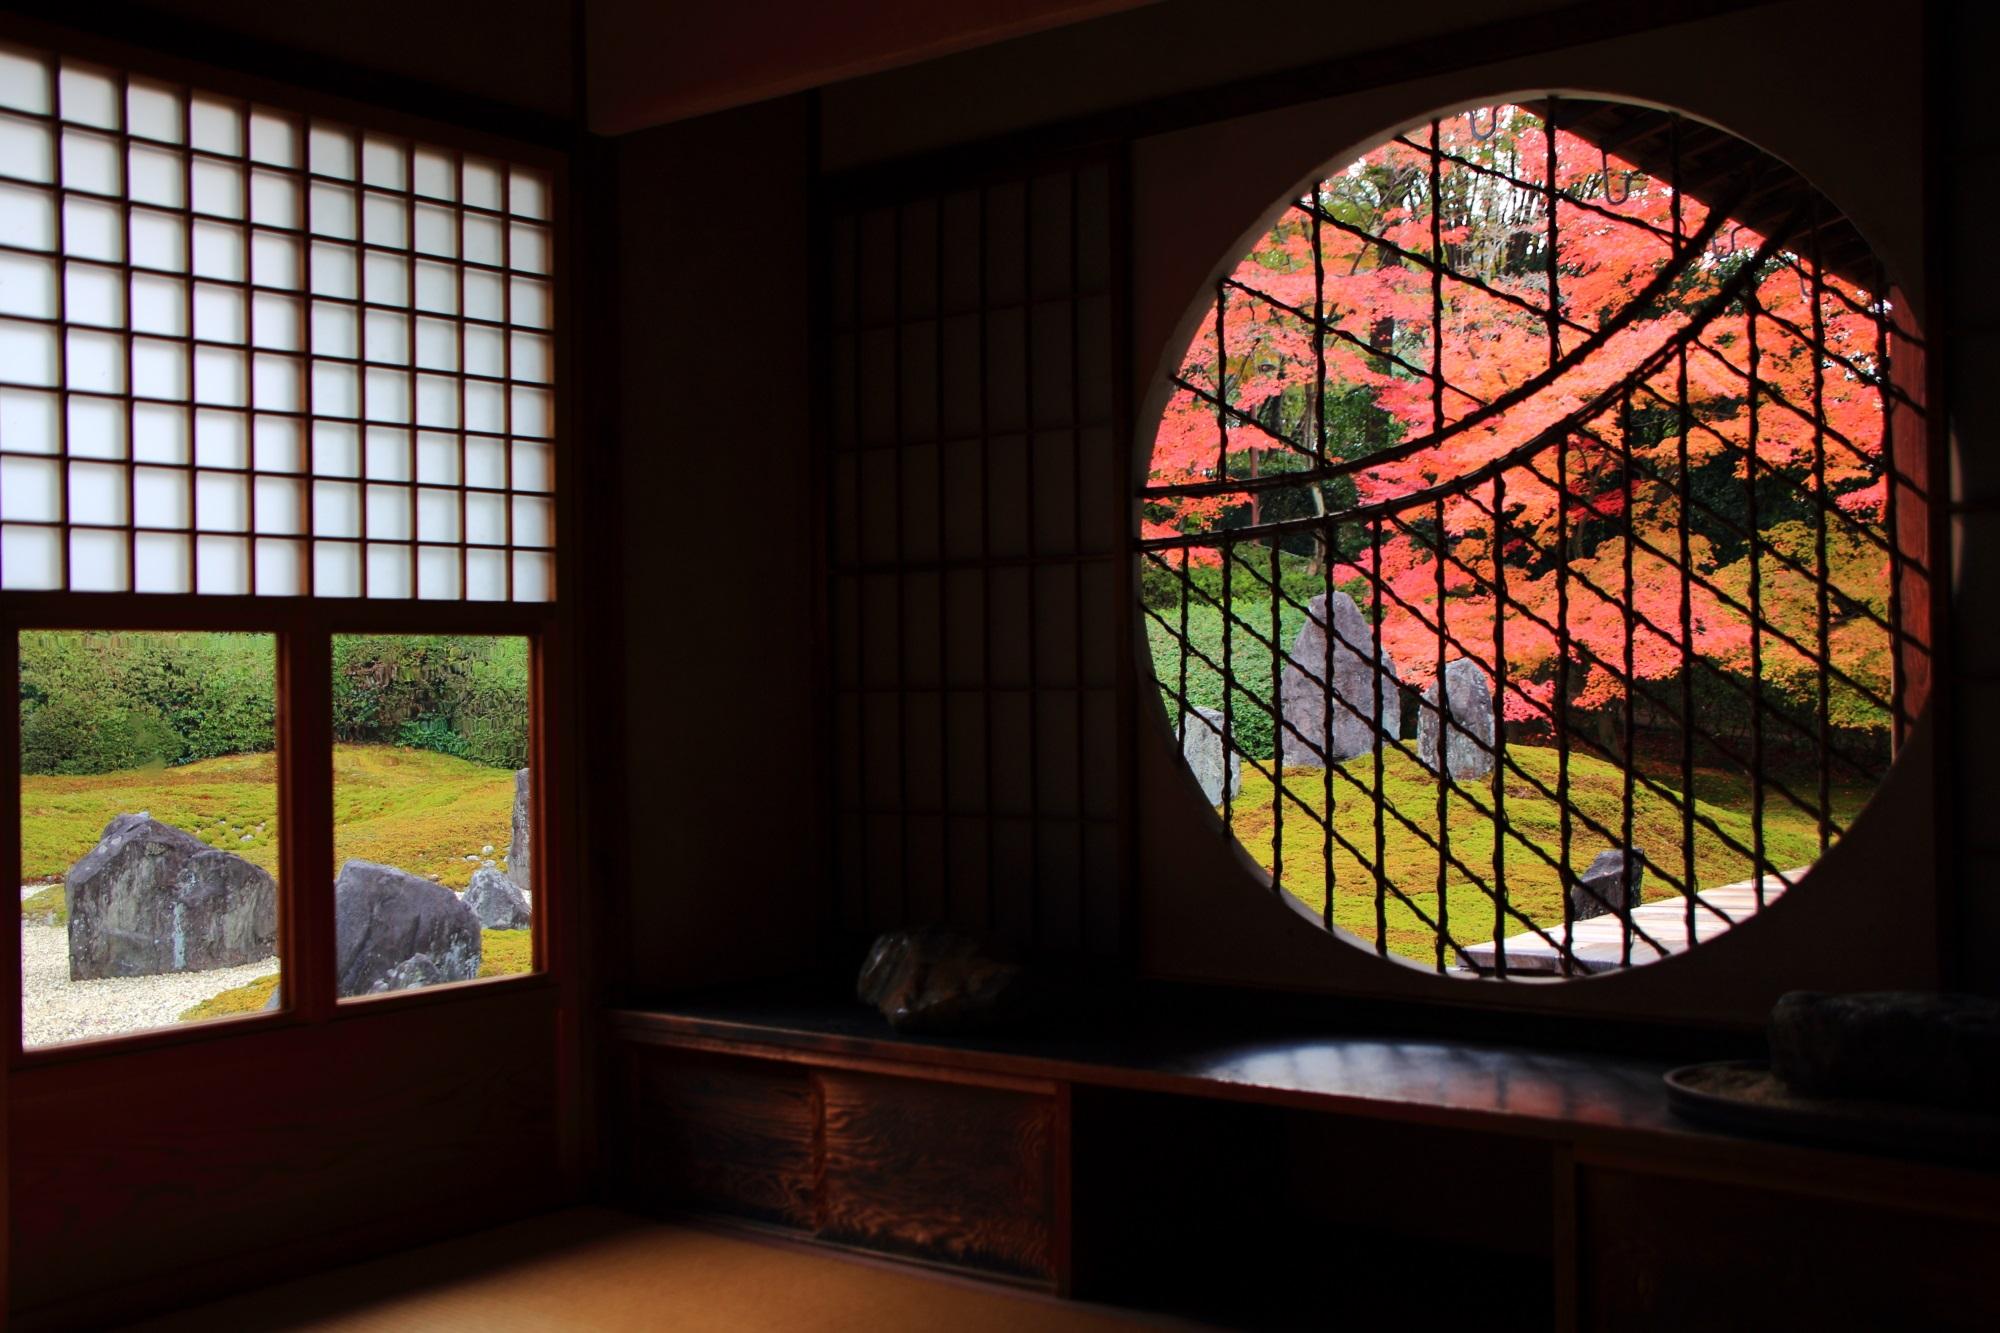 光明院の丸い吉野窓から見える秋の美しく趣きある紅葉